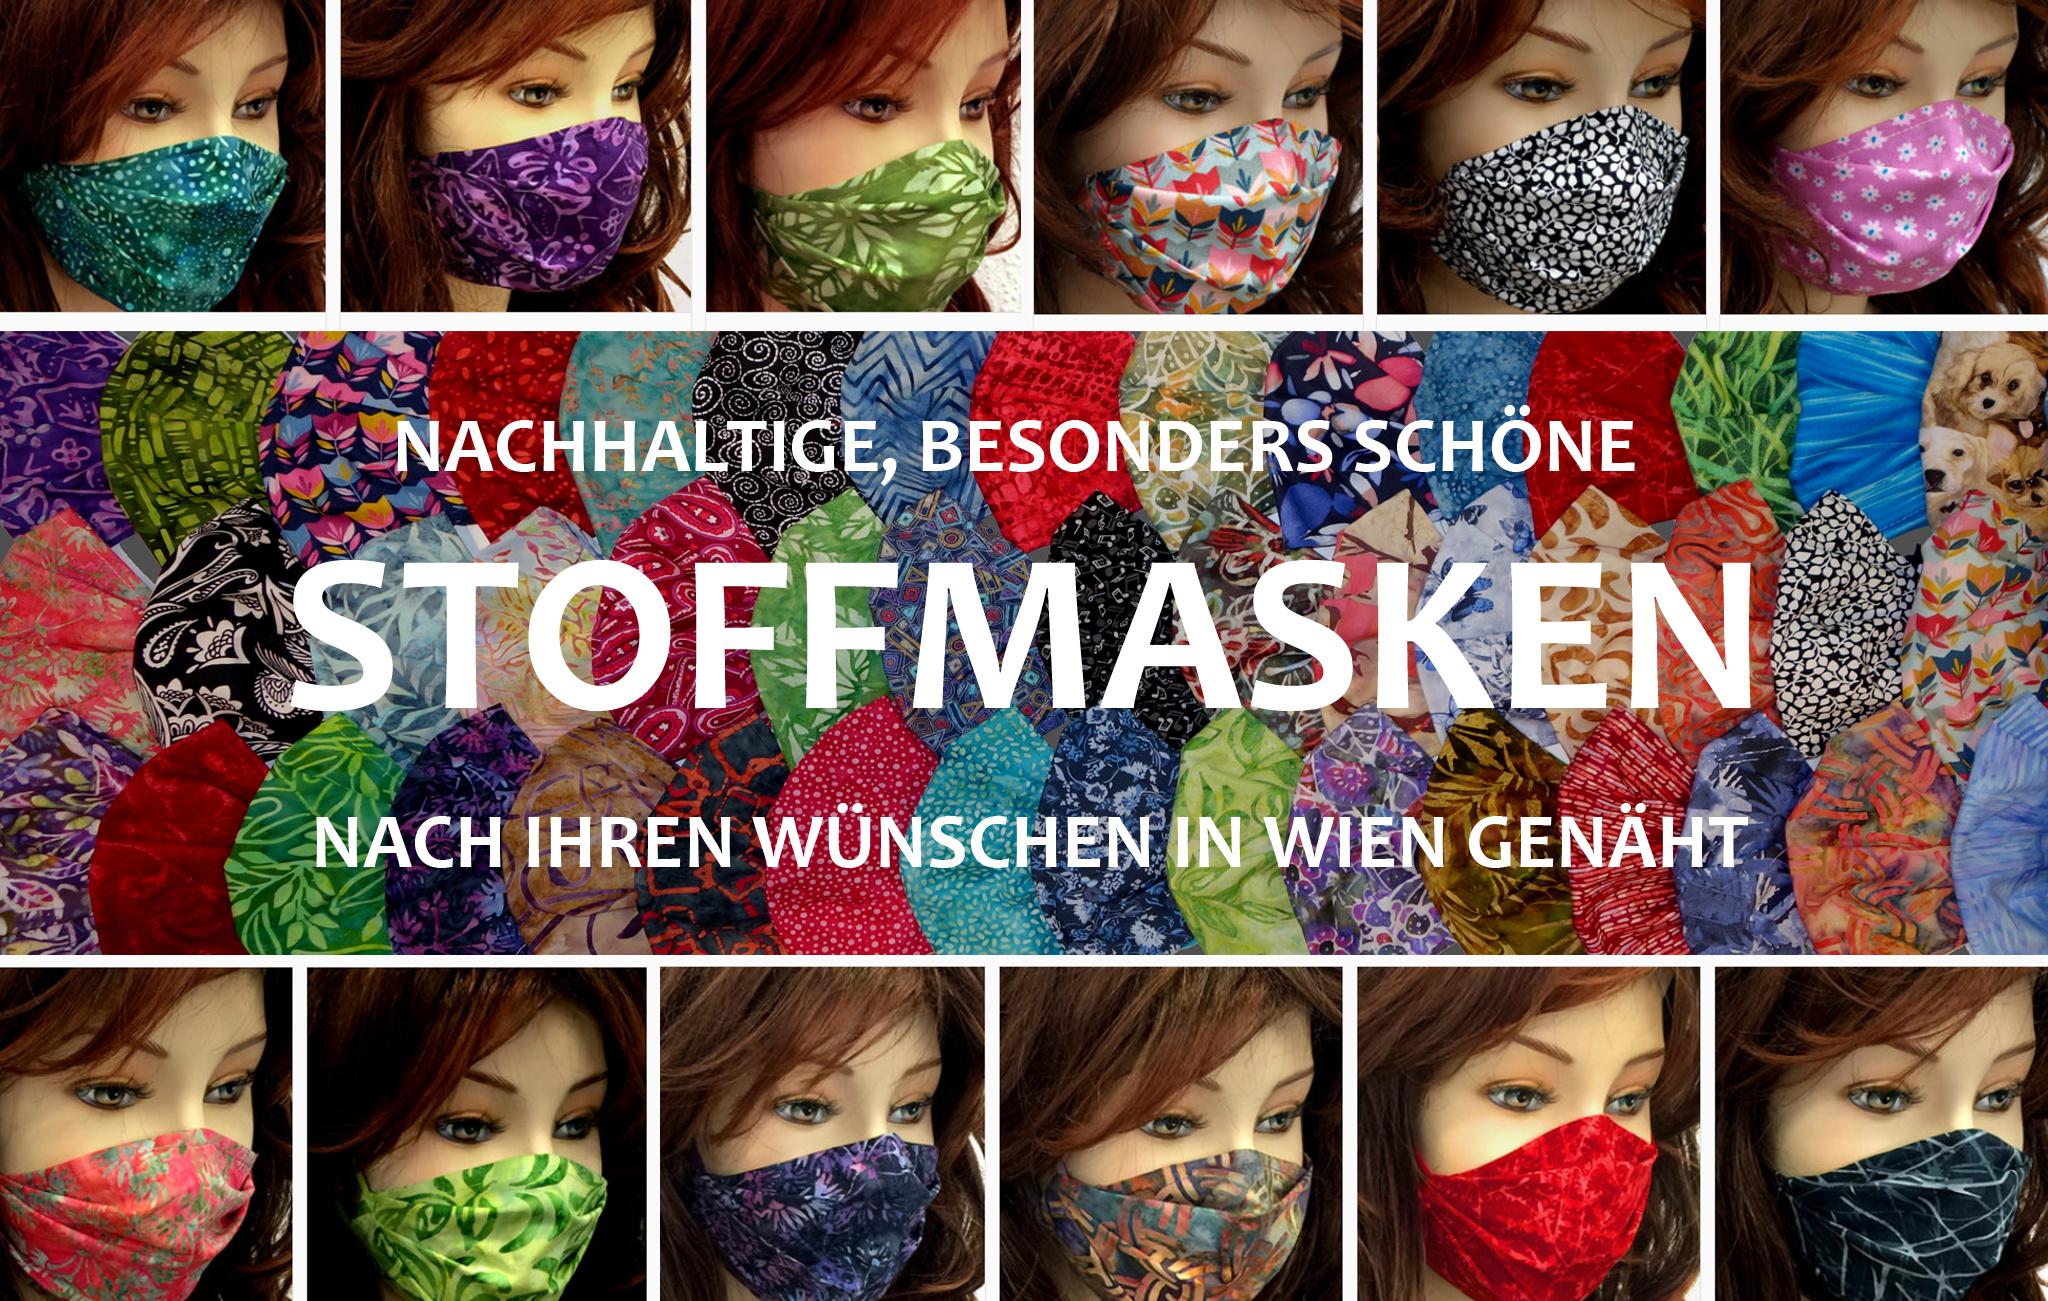 Stoffmasken, MNS, Schöne Stoffmasken, Mund Nasen Masken